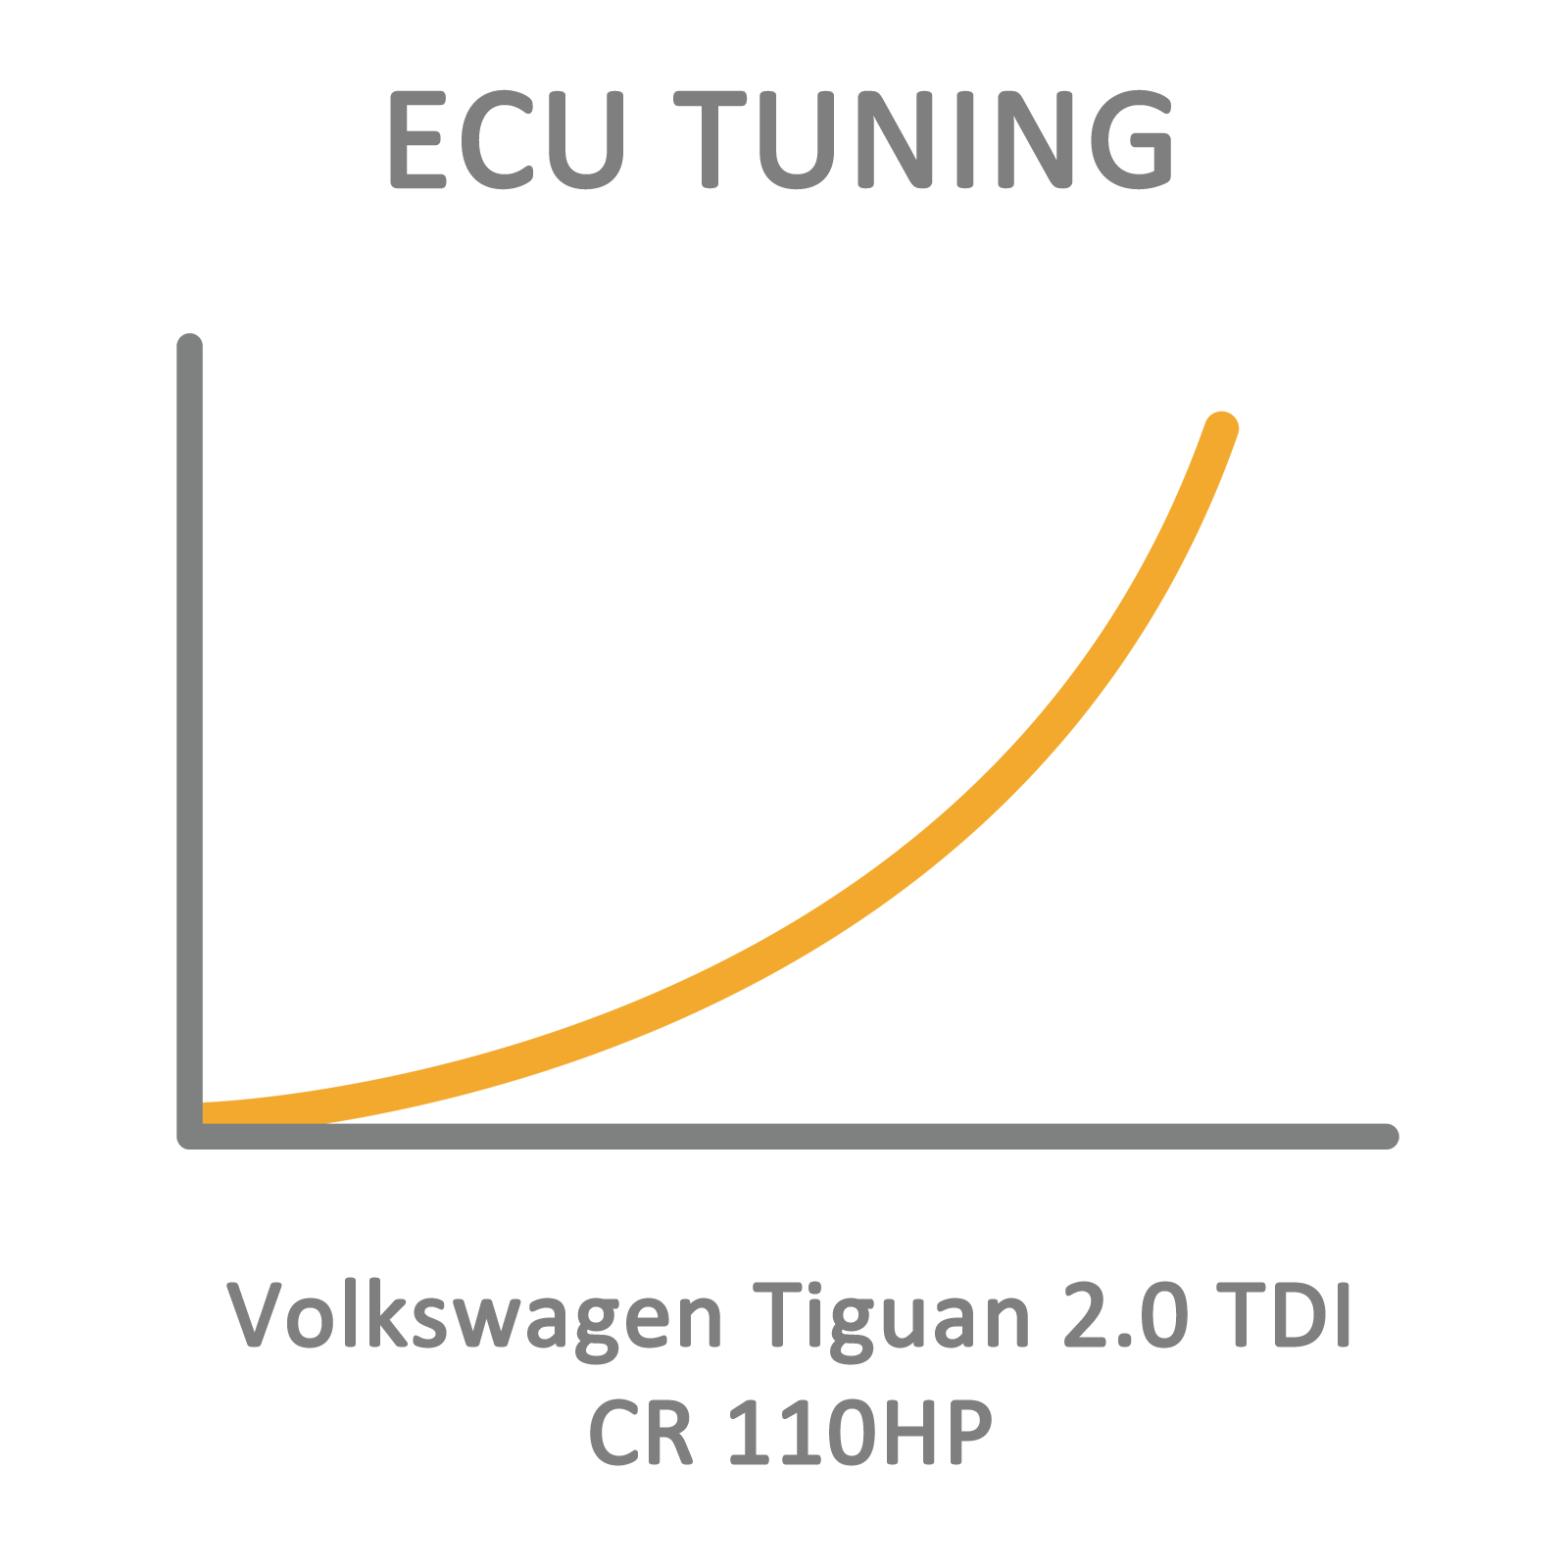 Volkswagen Tiguan 2.0 TDI CR 110HP ECU Tuning Remapping